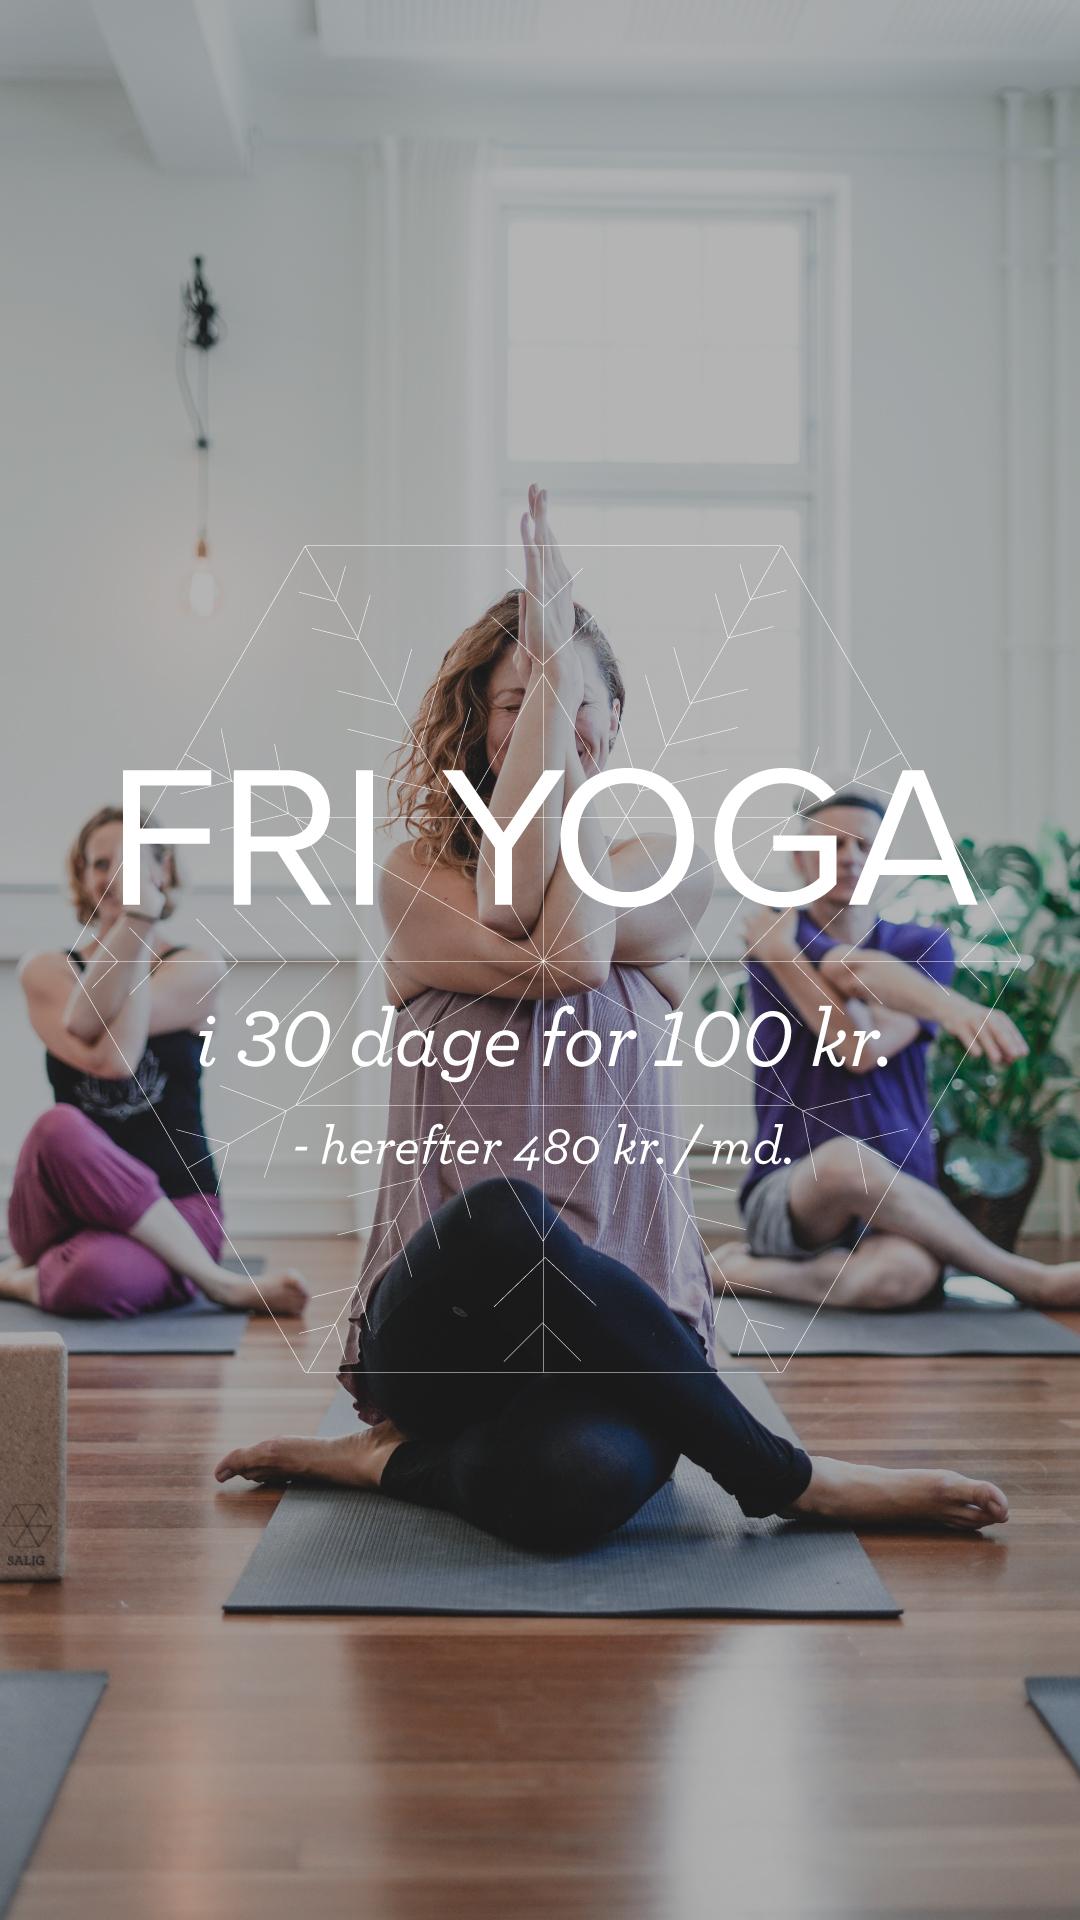 fri-yoga-instanyheder2.jpg